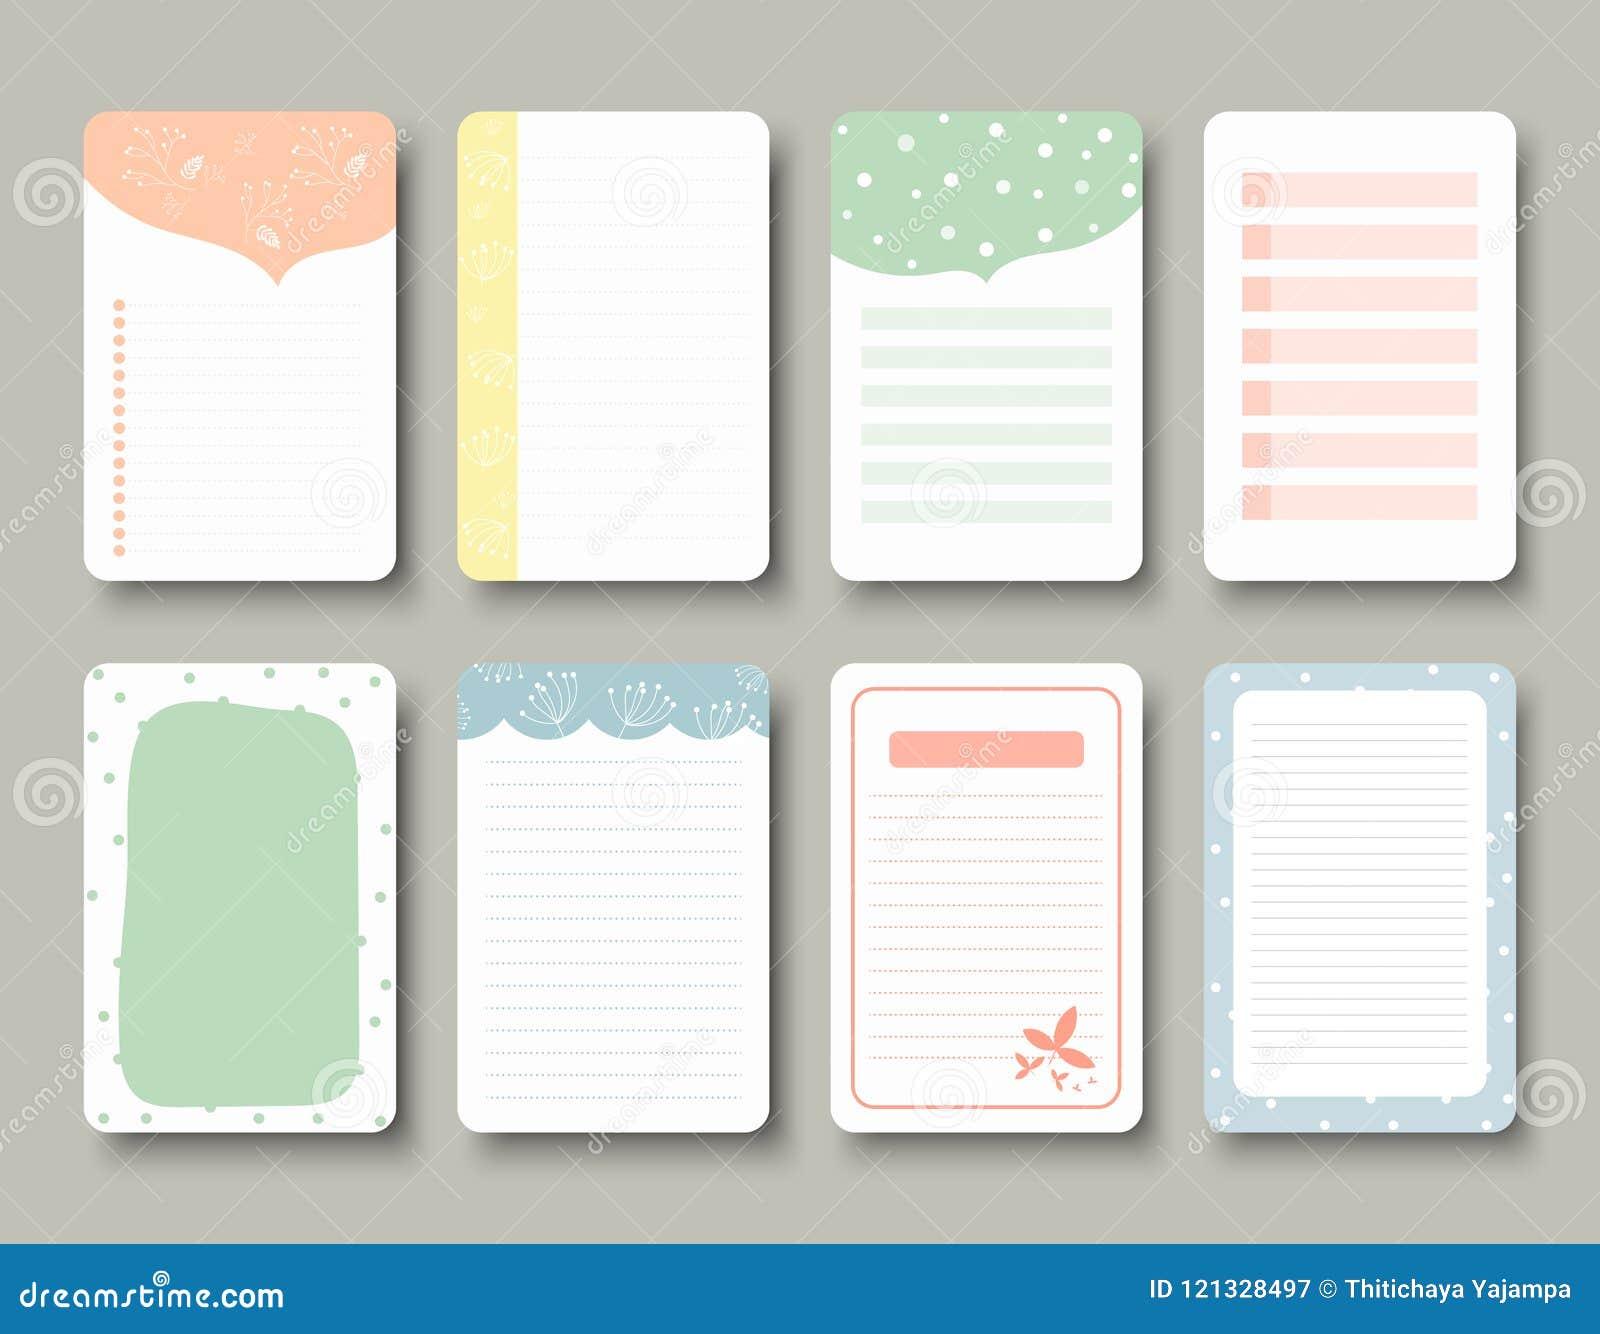 Gestaltungselemente für Notizbuch, Tagebuch, Aufkleber und andere Schablone Vektor, Illustration